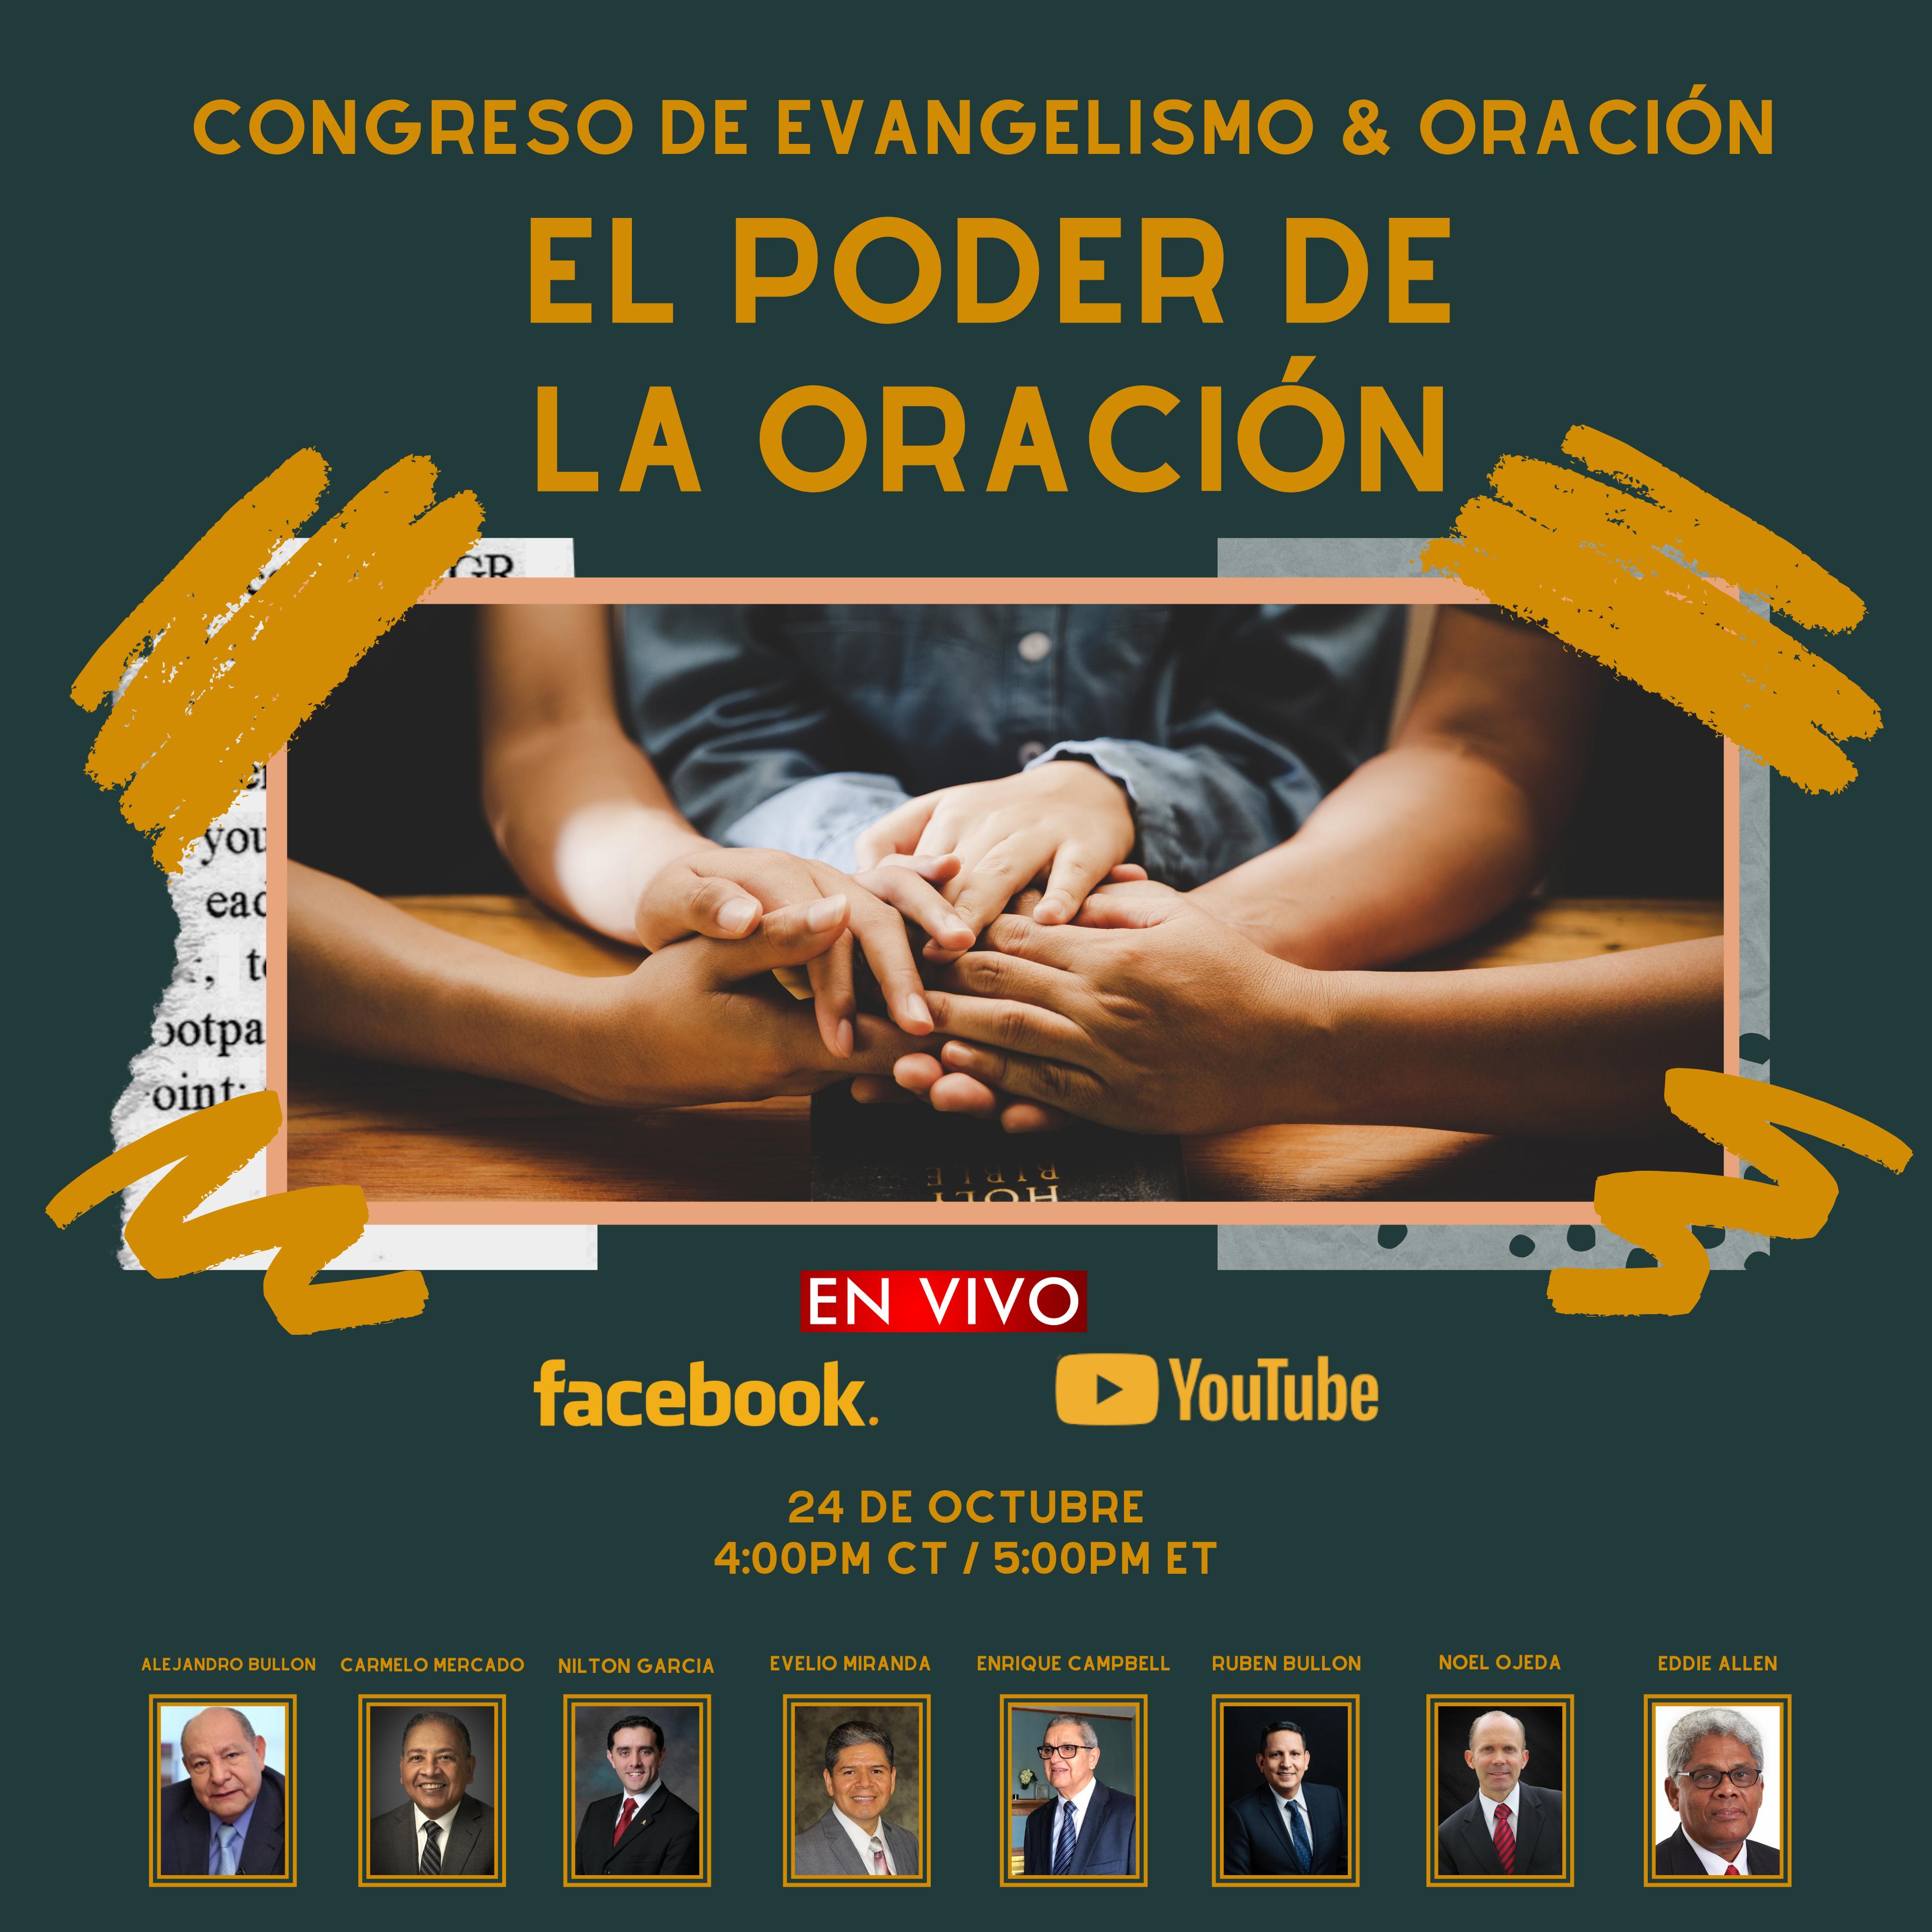 Congreso de Evangelismo & Oración